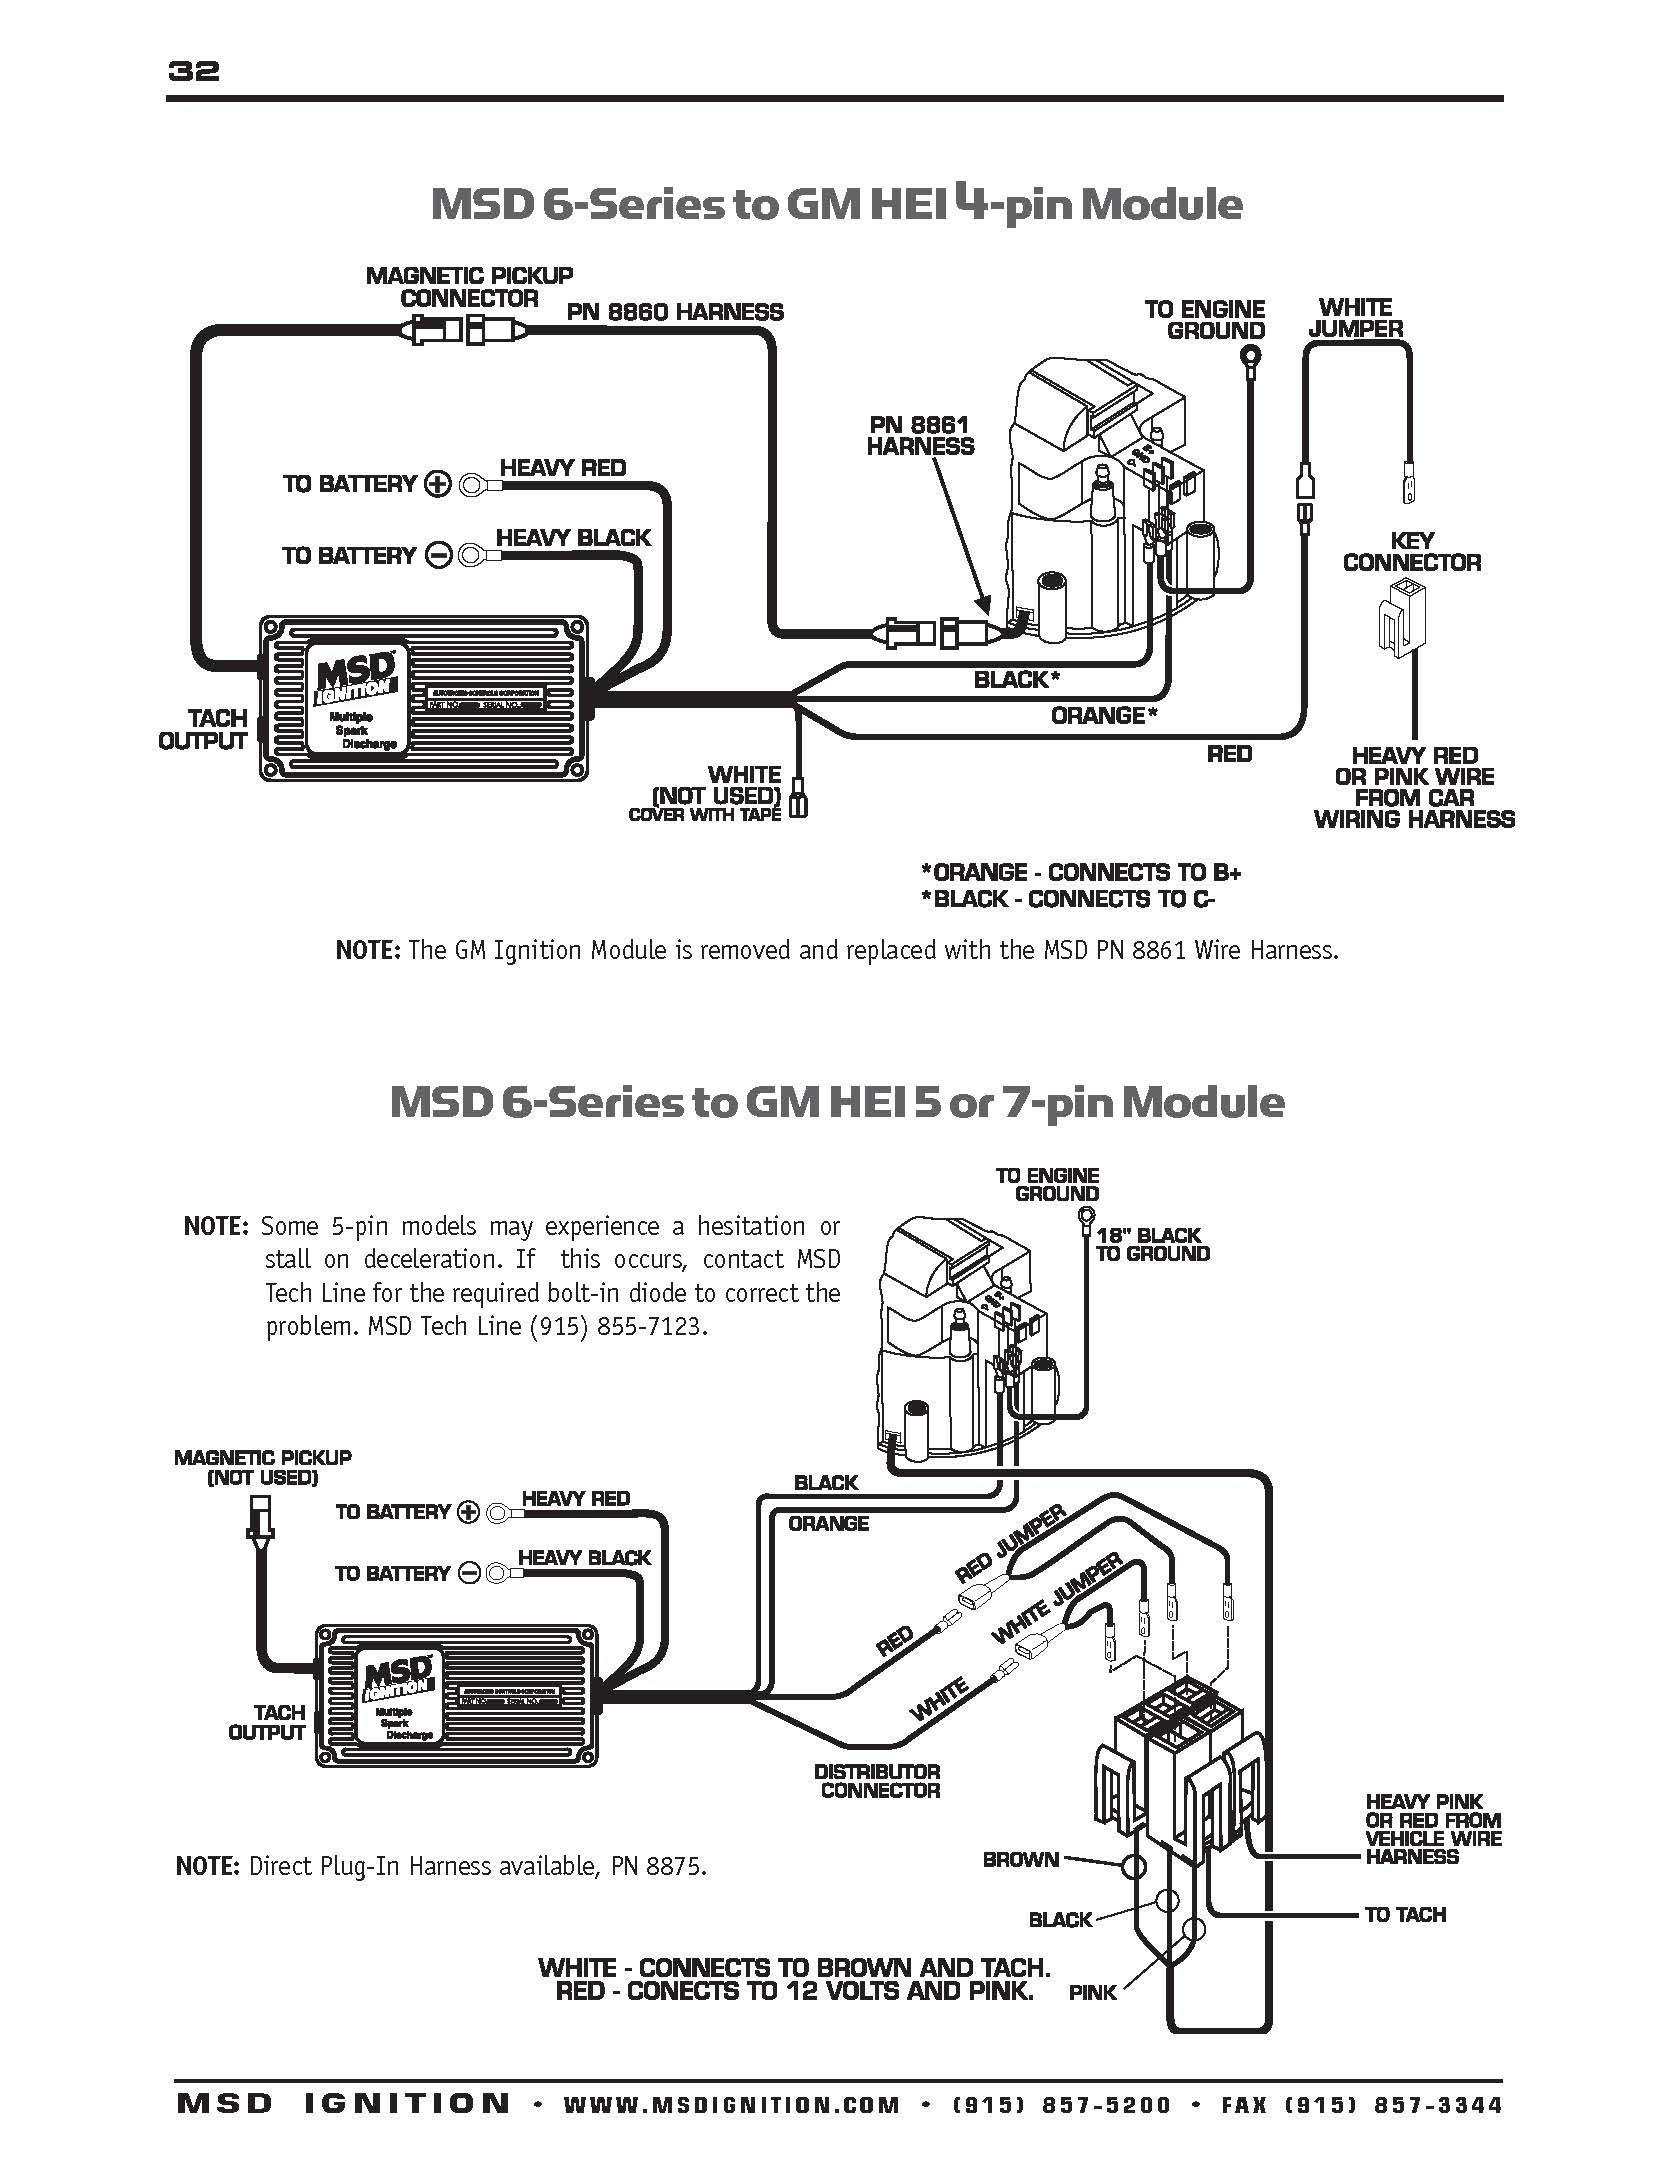 Super Tach Wiring - Wiring Diagram G11 on